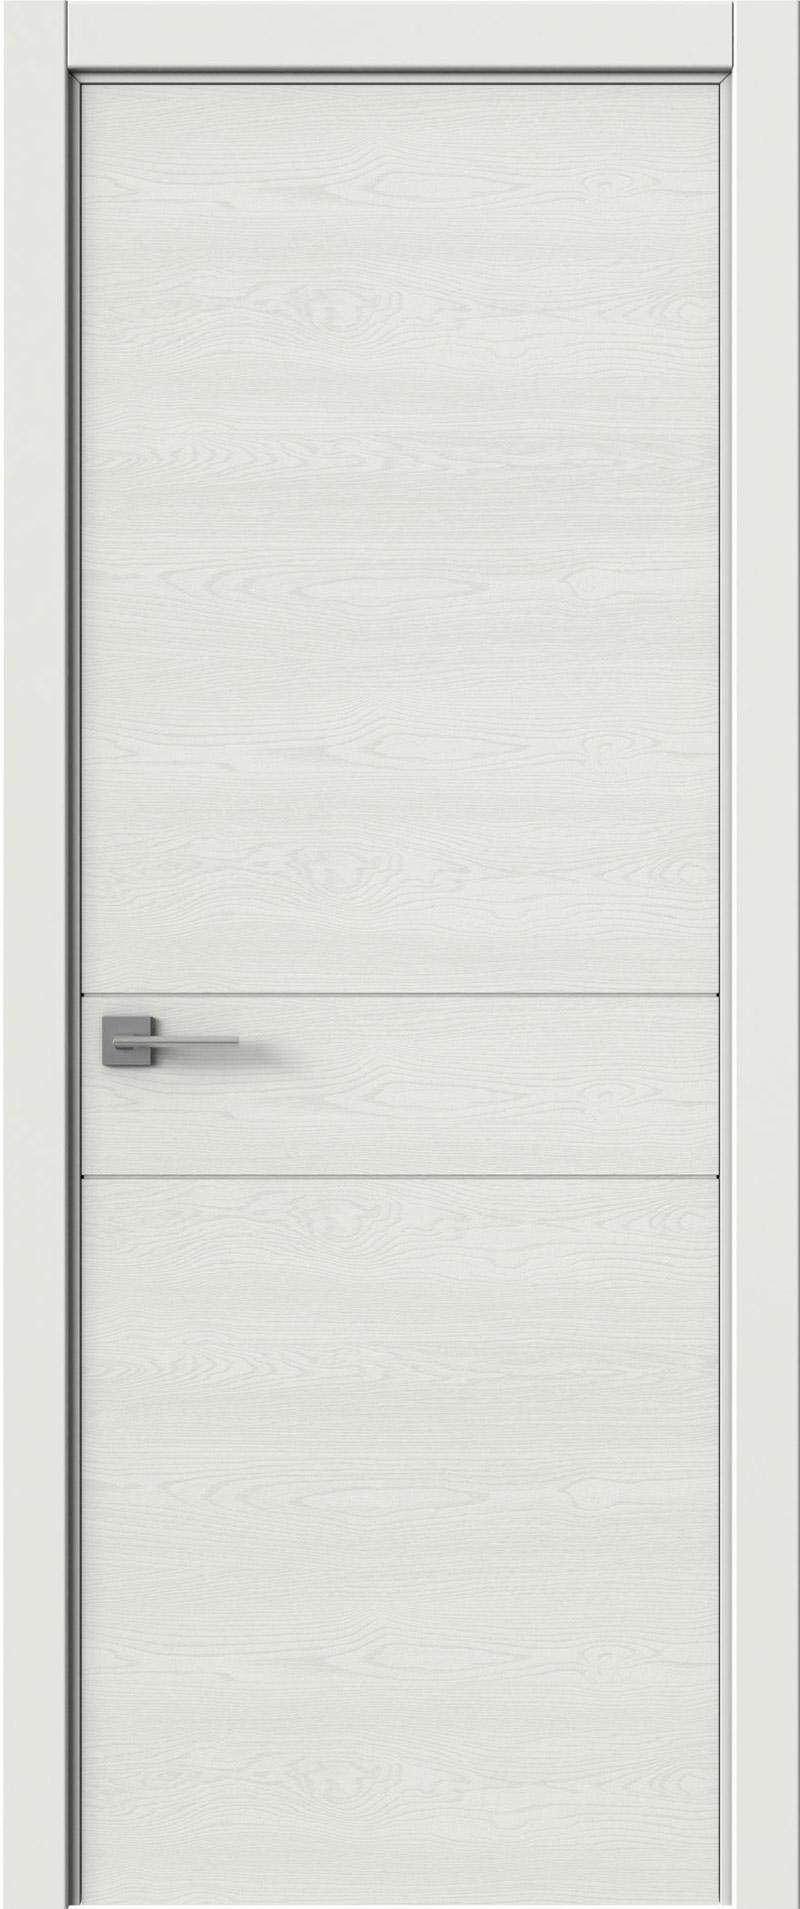 Tivoli И-2 цвет - Белая эмаль по шпону (RAL 9003) Без стекла (ДГ)